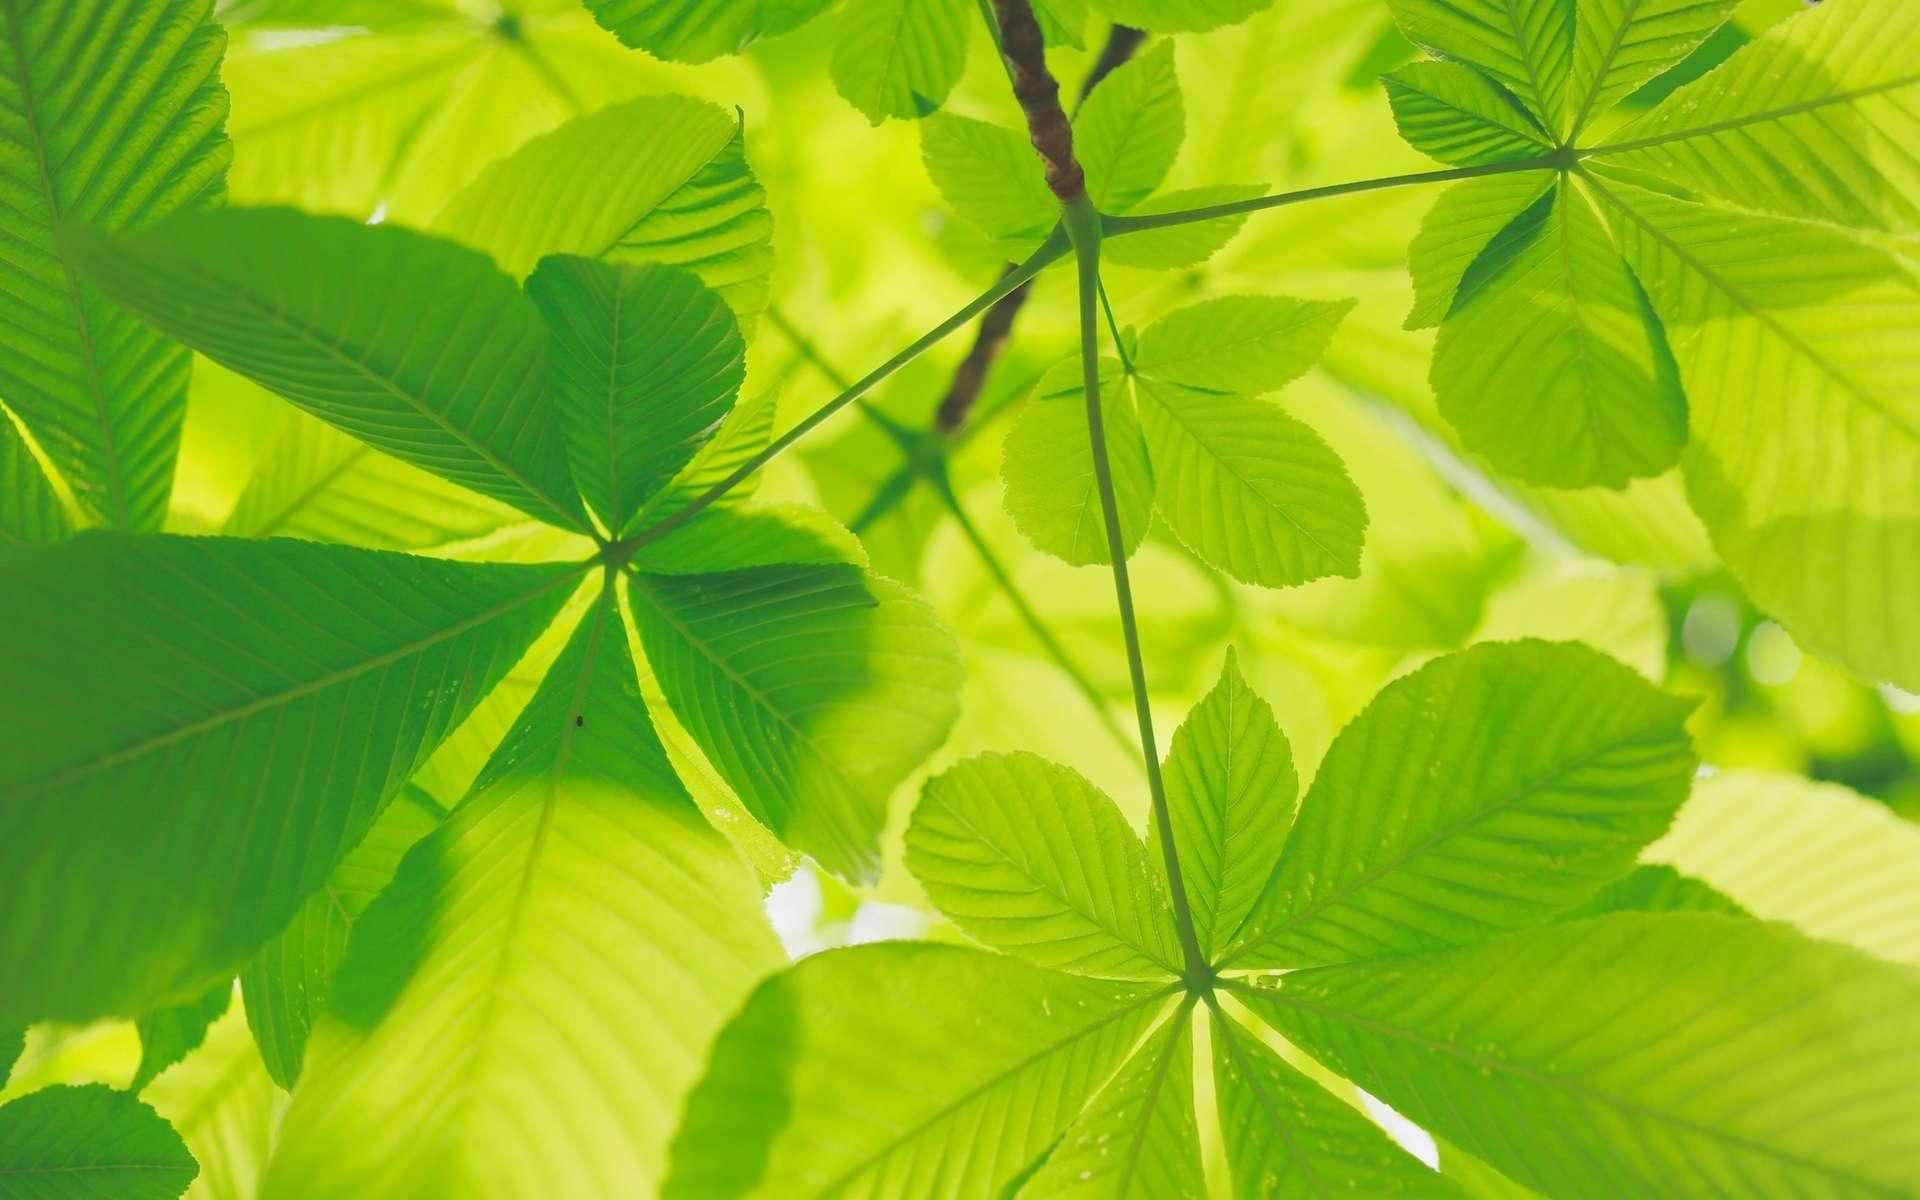 Réchauffement et CO2 : bon ou mauvais pour les plantes ? © Kumiko Shimizu, Unsplash